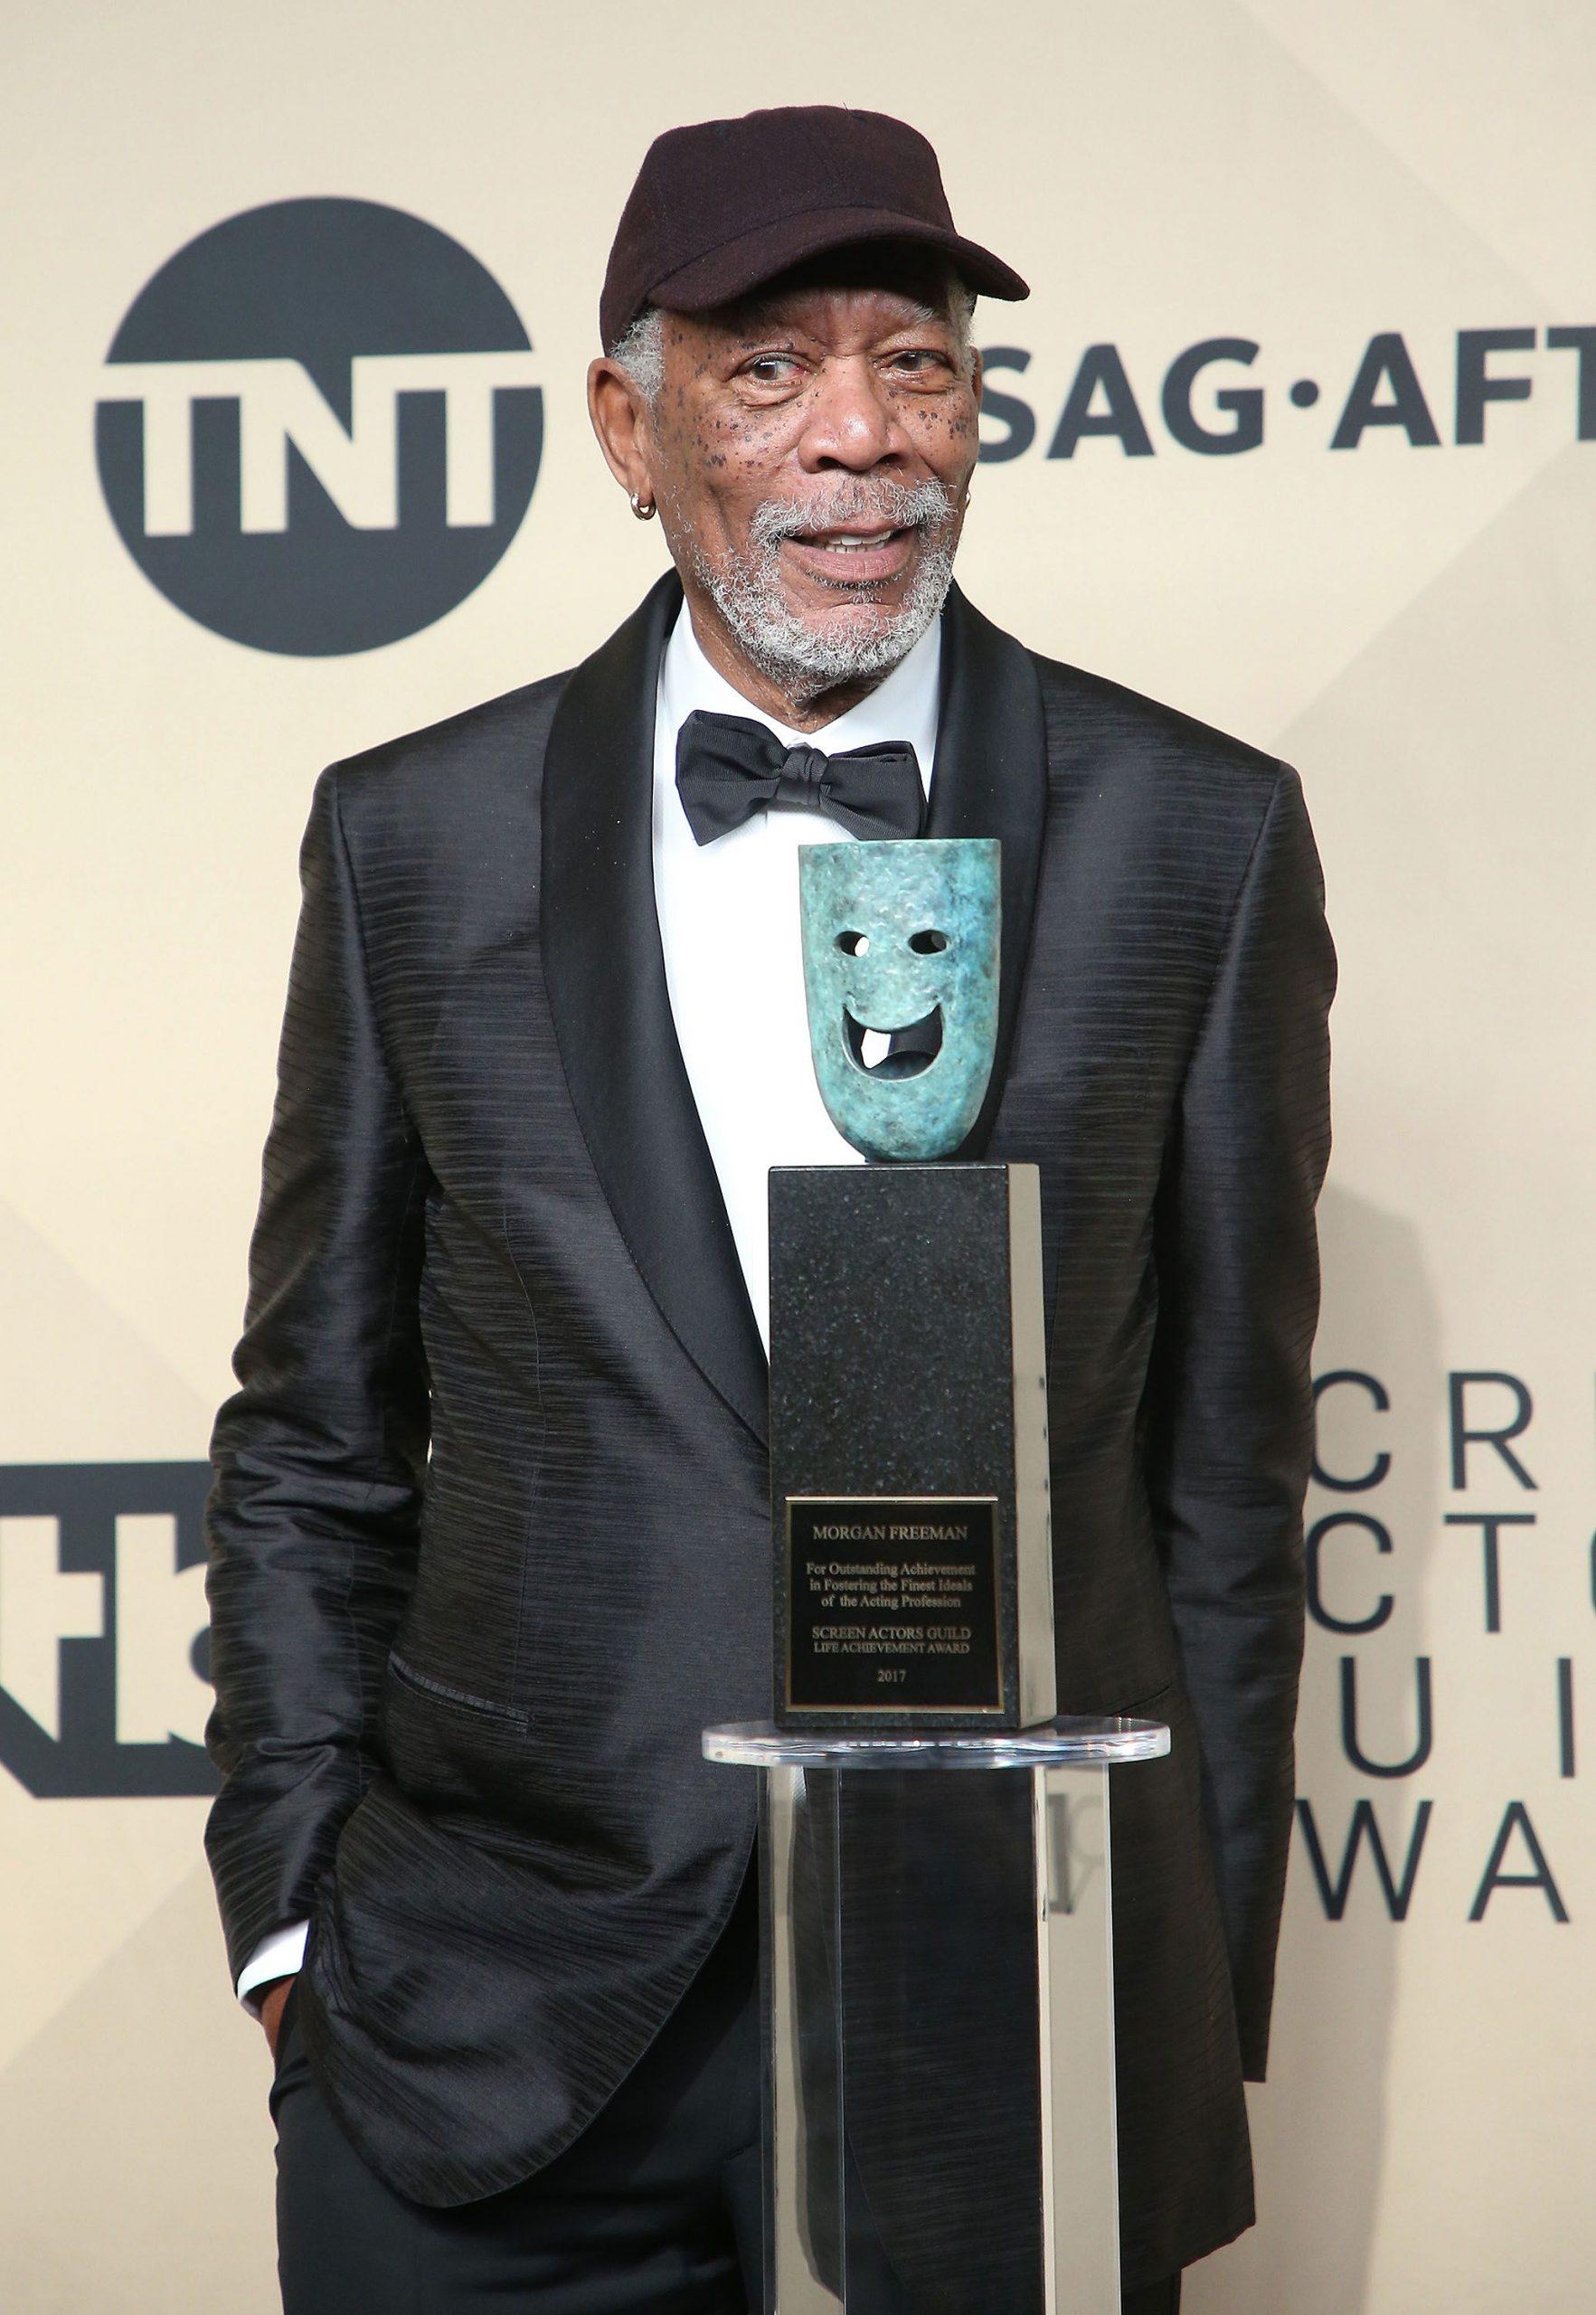 Este año, el Sindicato de Actores premió a Morgan Freeman por su trayectoria.